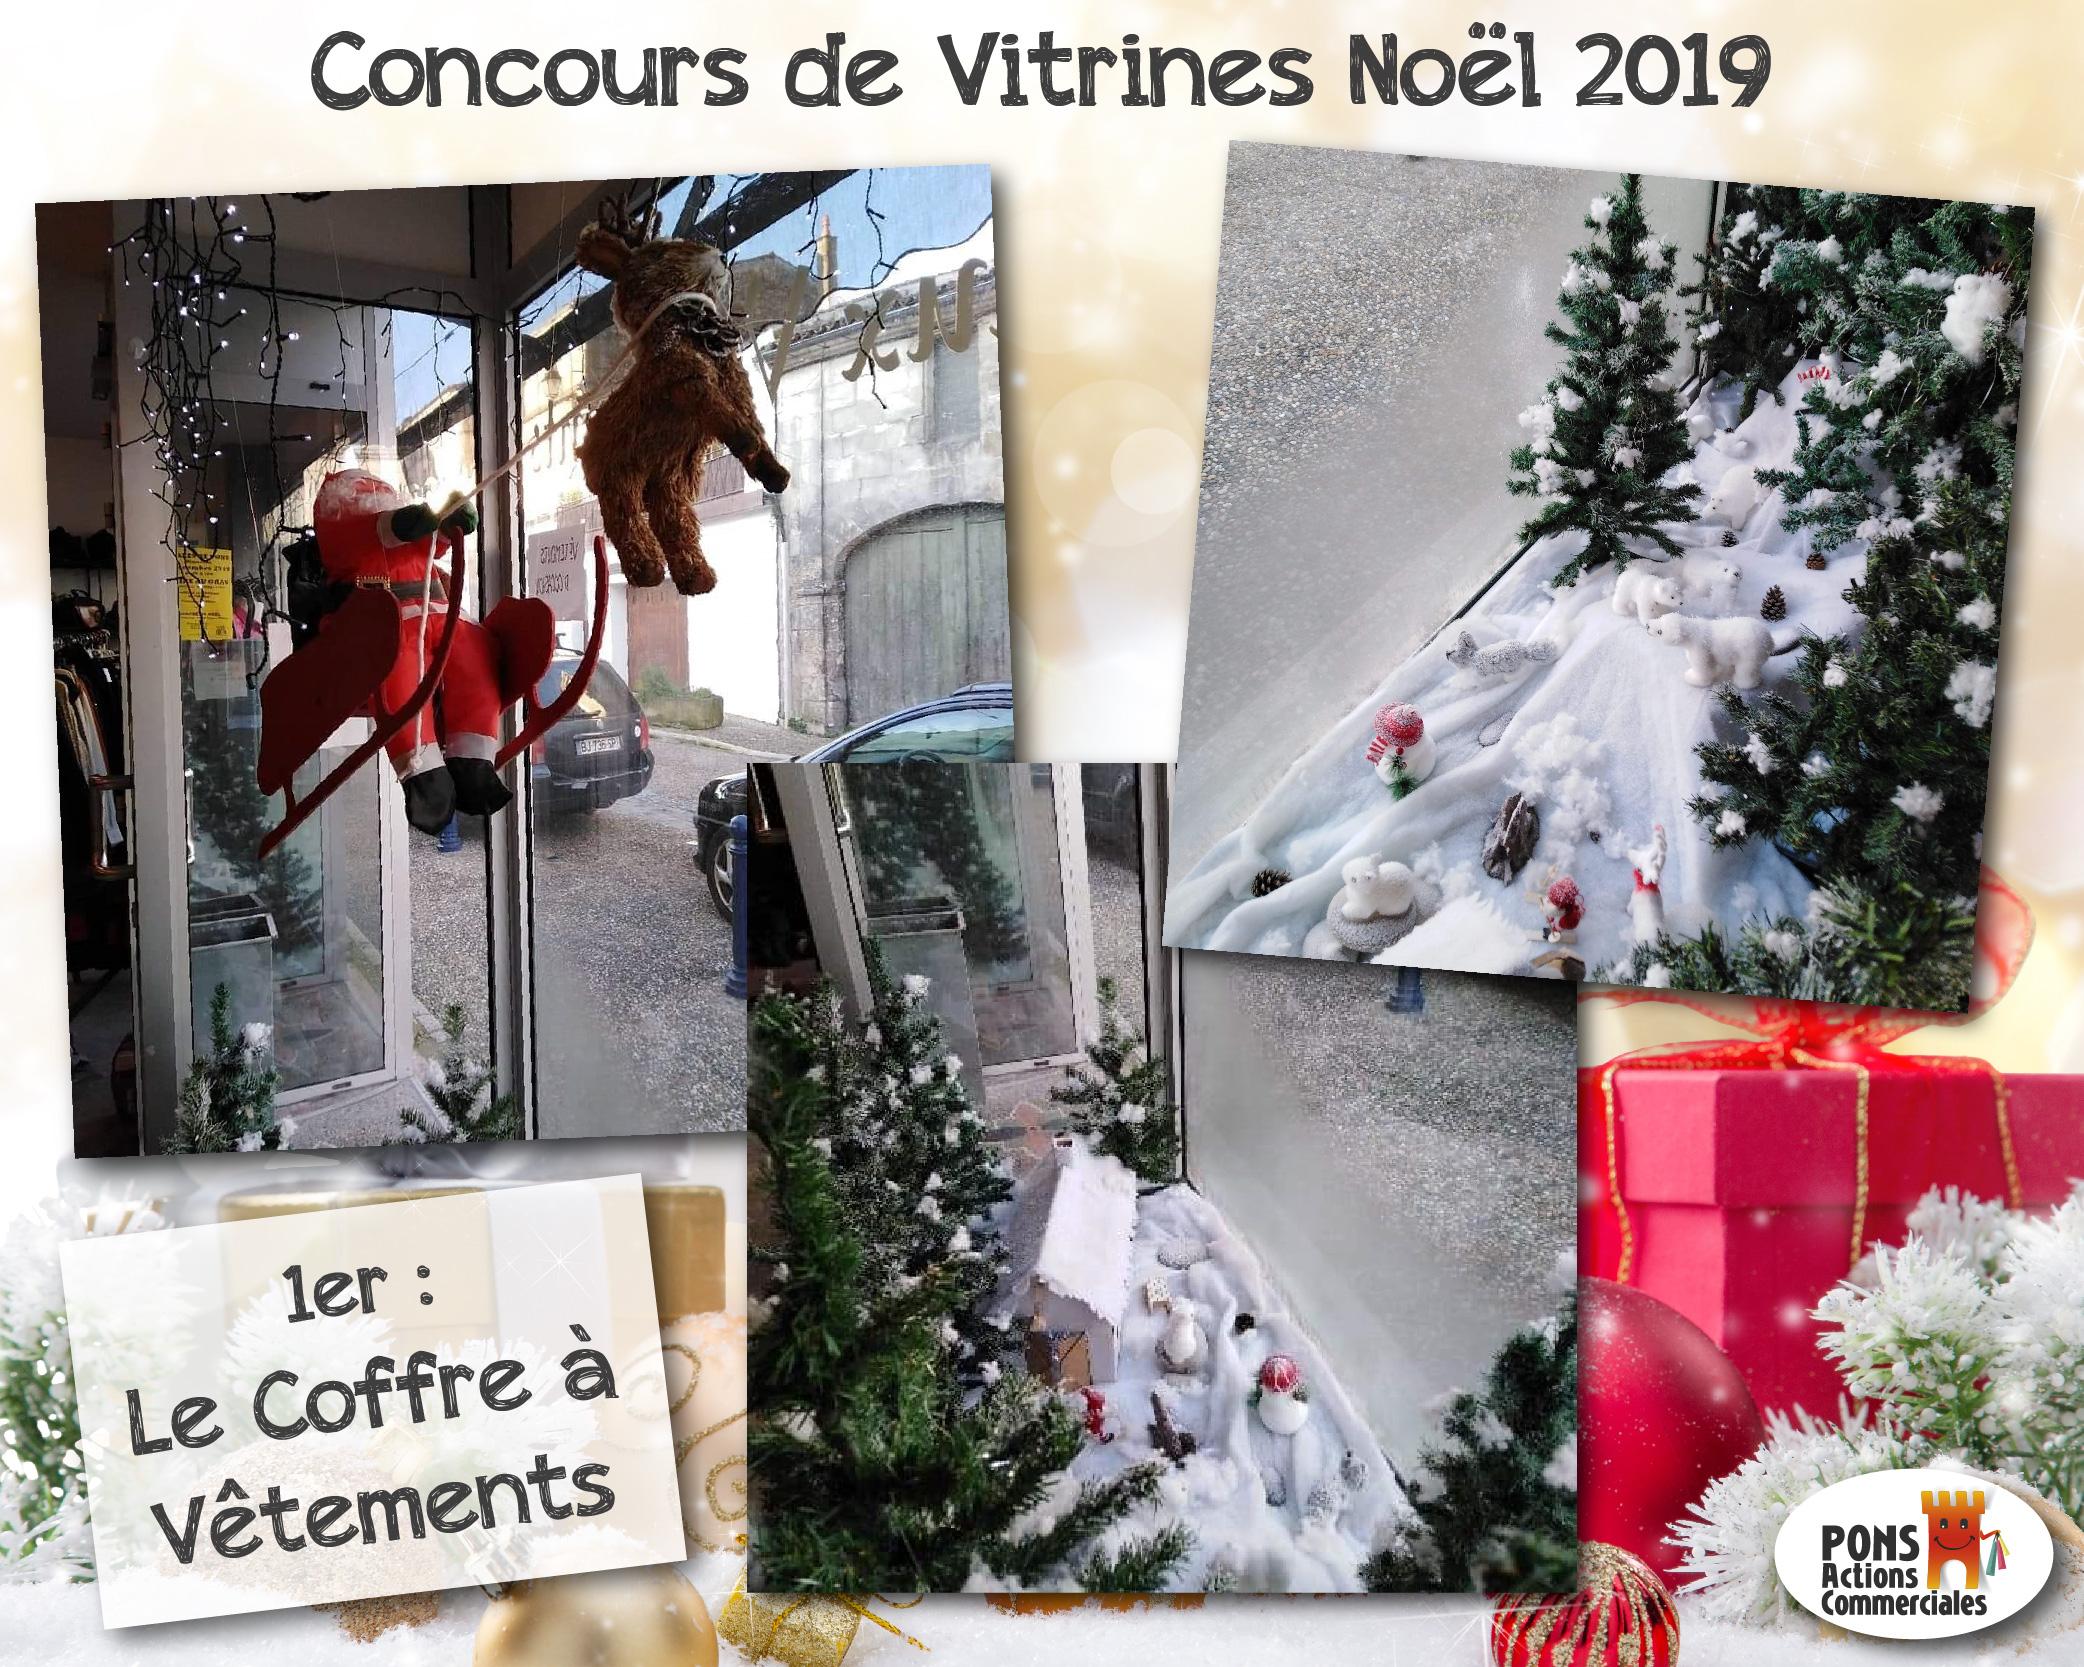 Pons Actions Commerciales - Vitrines2019-Gagnants - Le Coffre à Vêtements